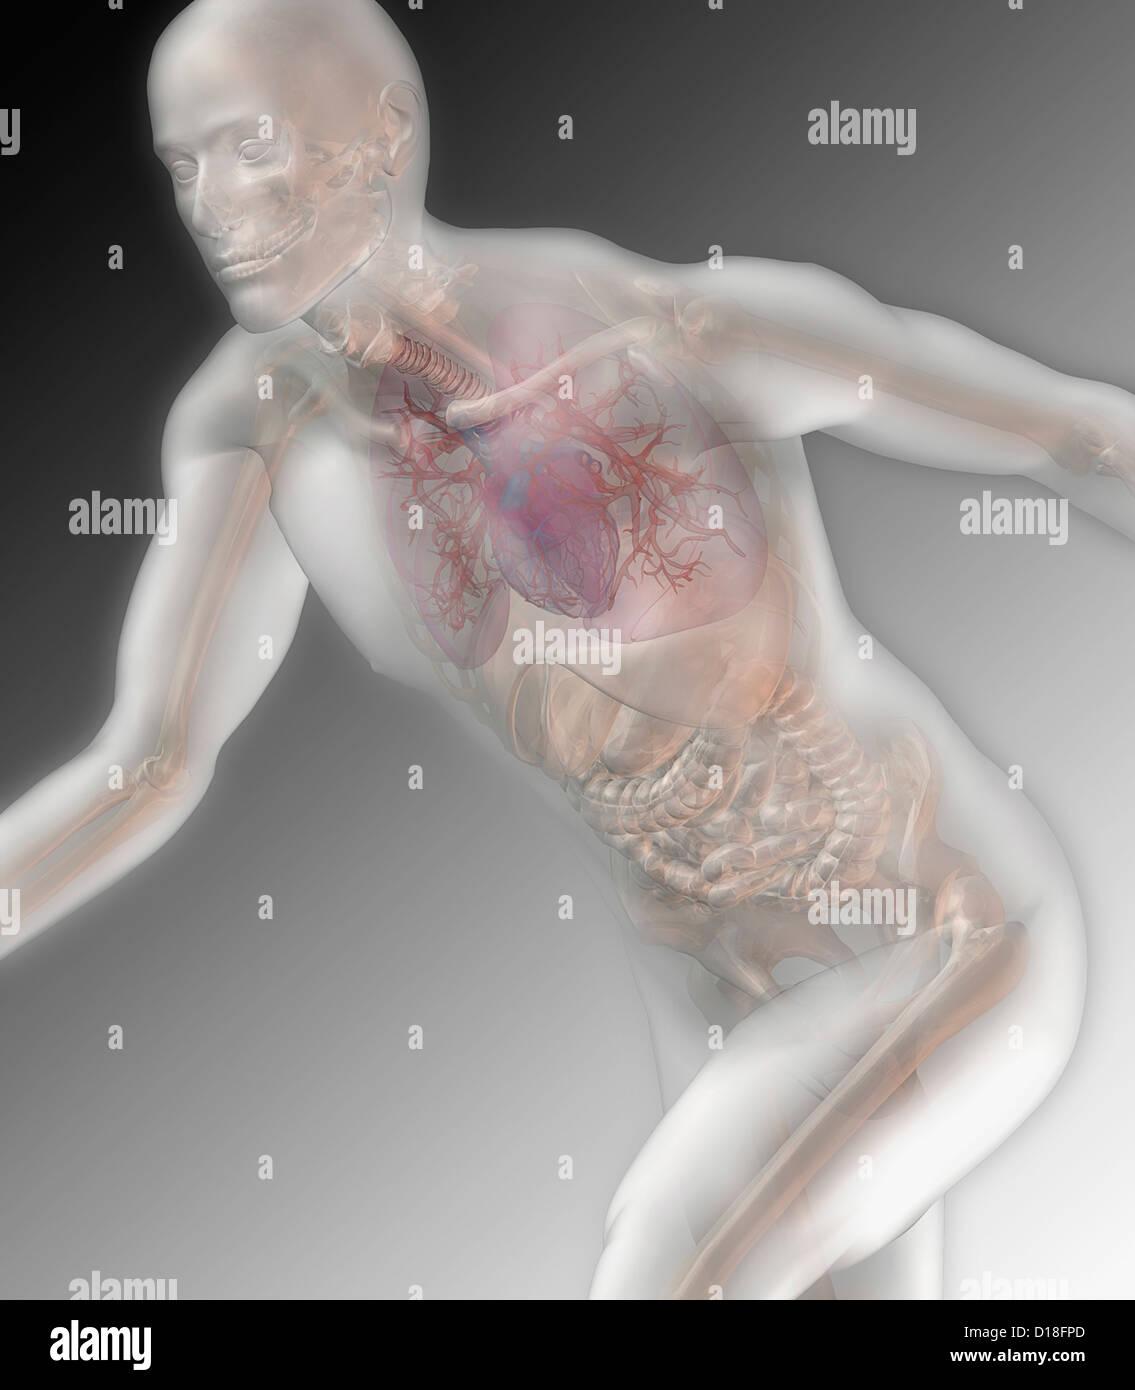 Ilustración de un modelo anatómico masculino Imagen De Stock